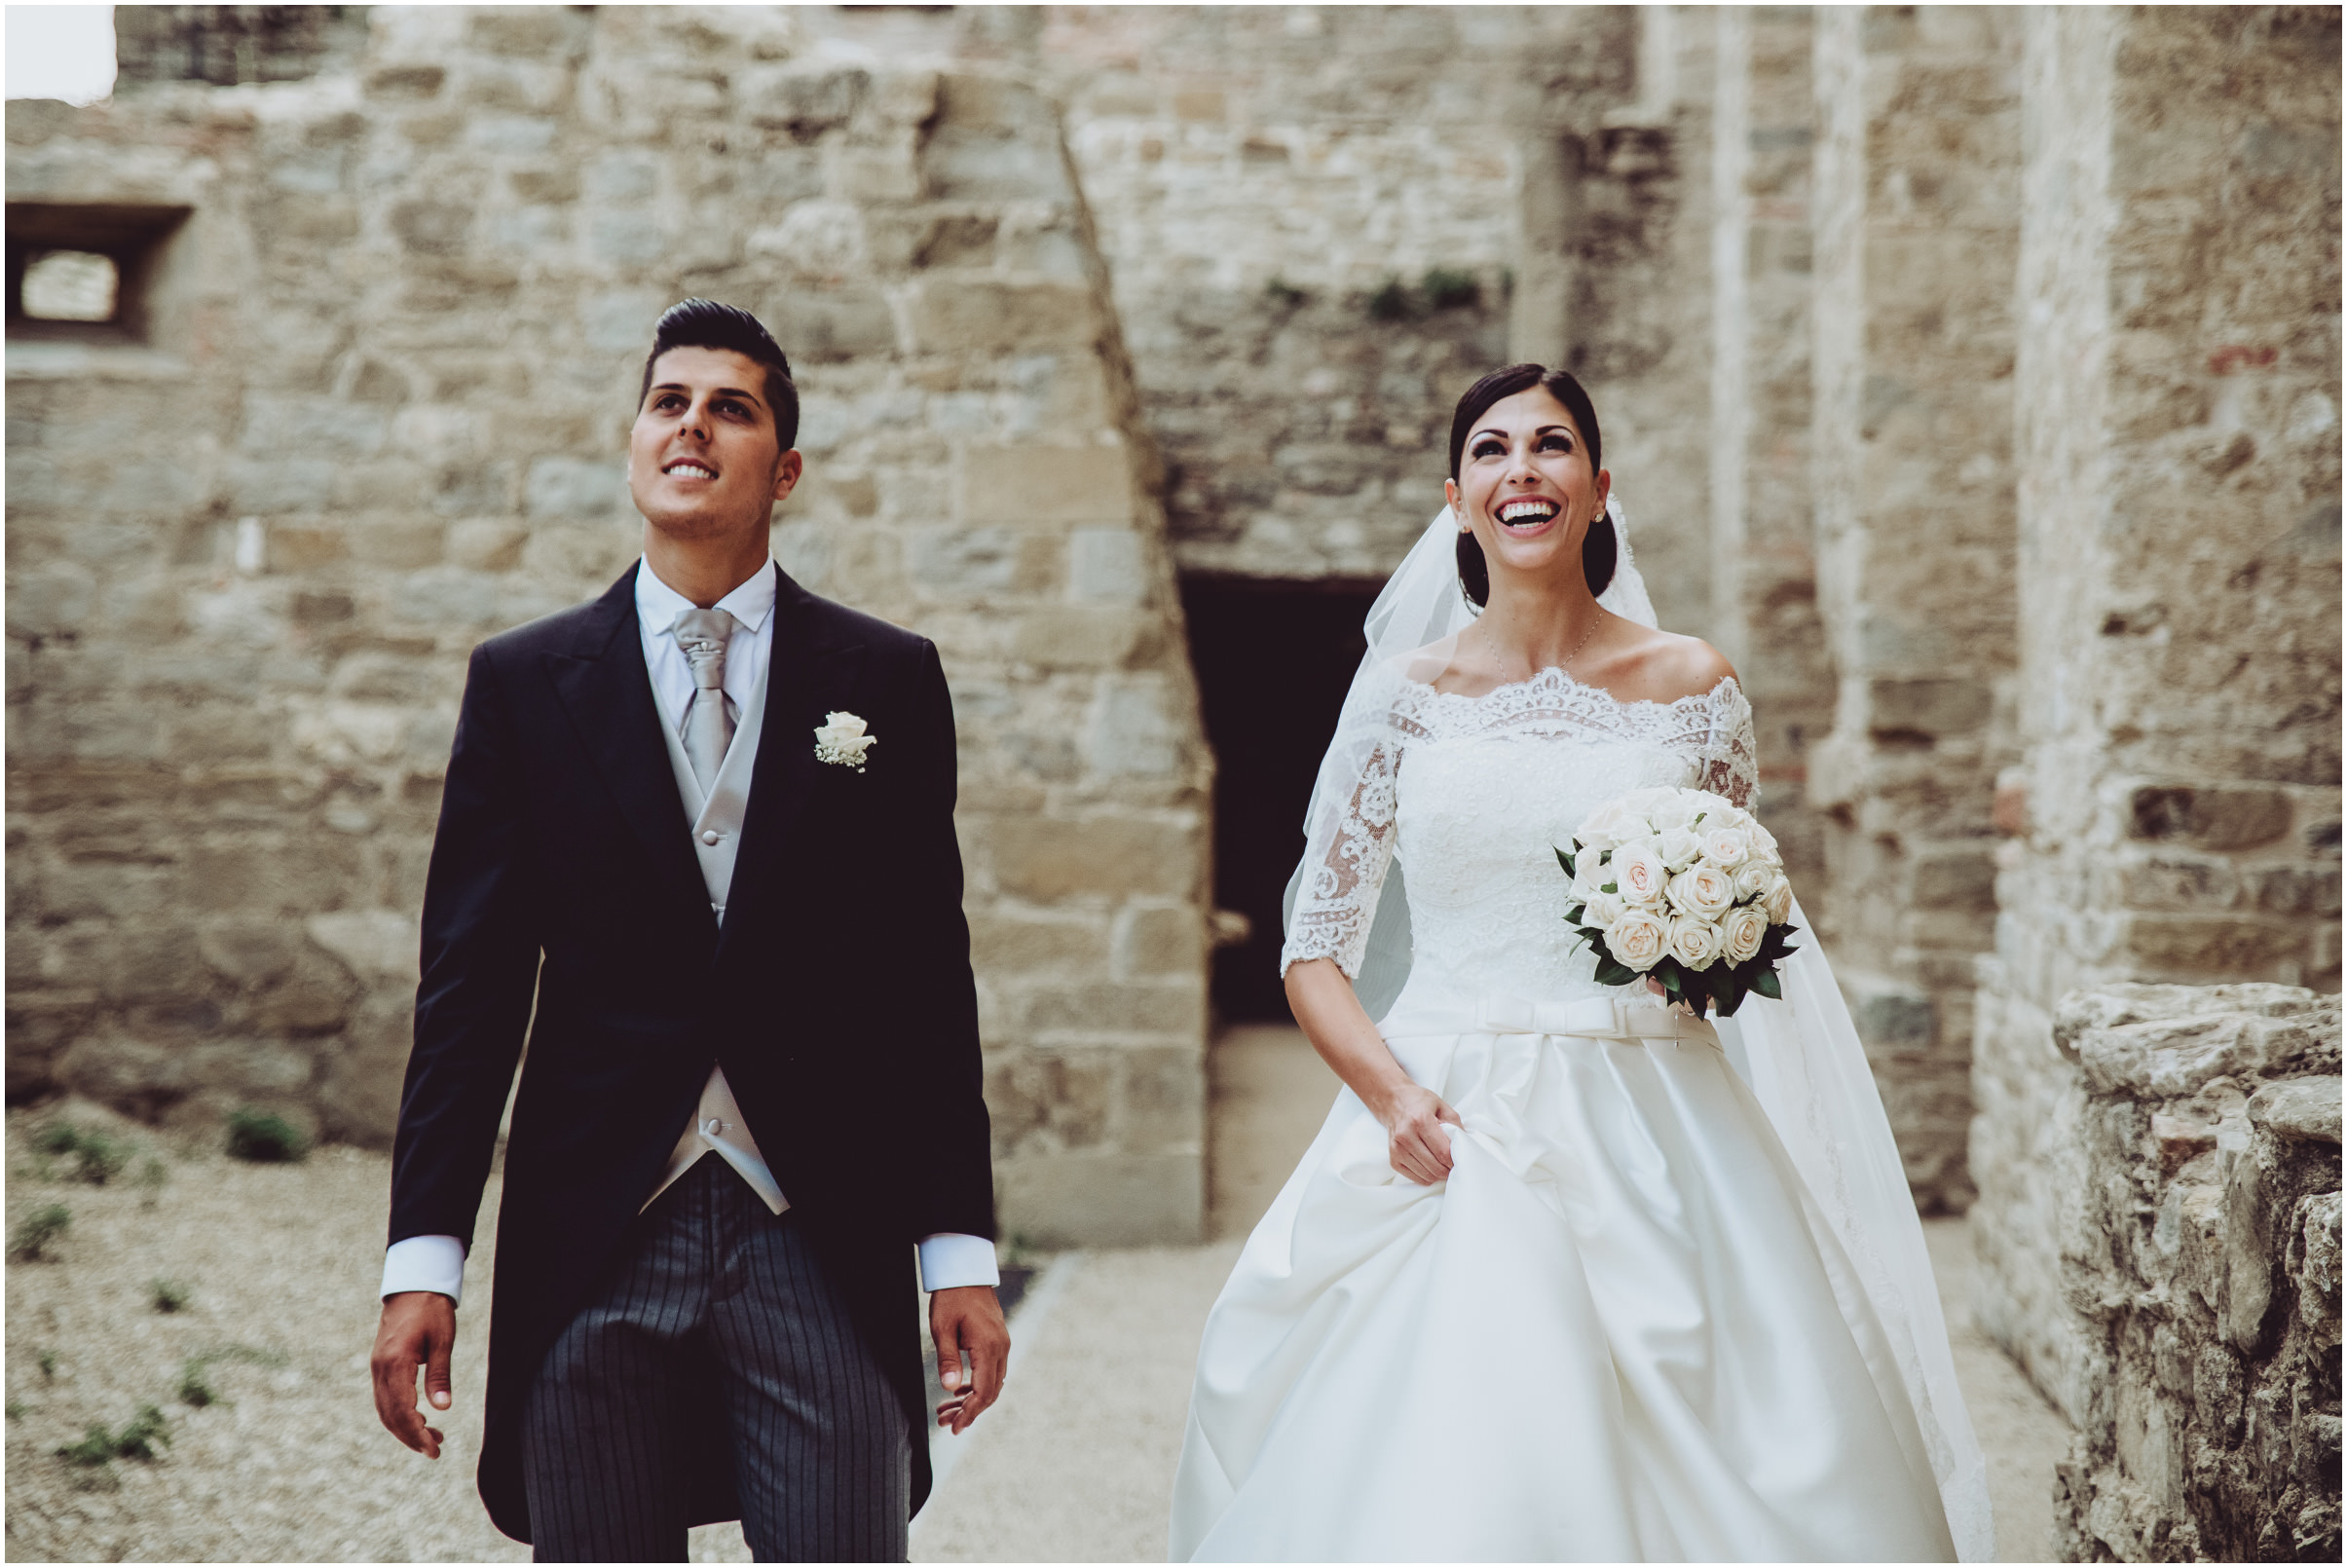 WEDDING-PHOTOGRAPHY-SARA-LORENZONI-FOTOGRAFIA-MATRIMONIO-AREZZO-TUSCANY-EVENTO-LE-SPOSE-DI-GIANNI-ELISA-LUCA039